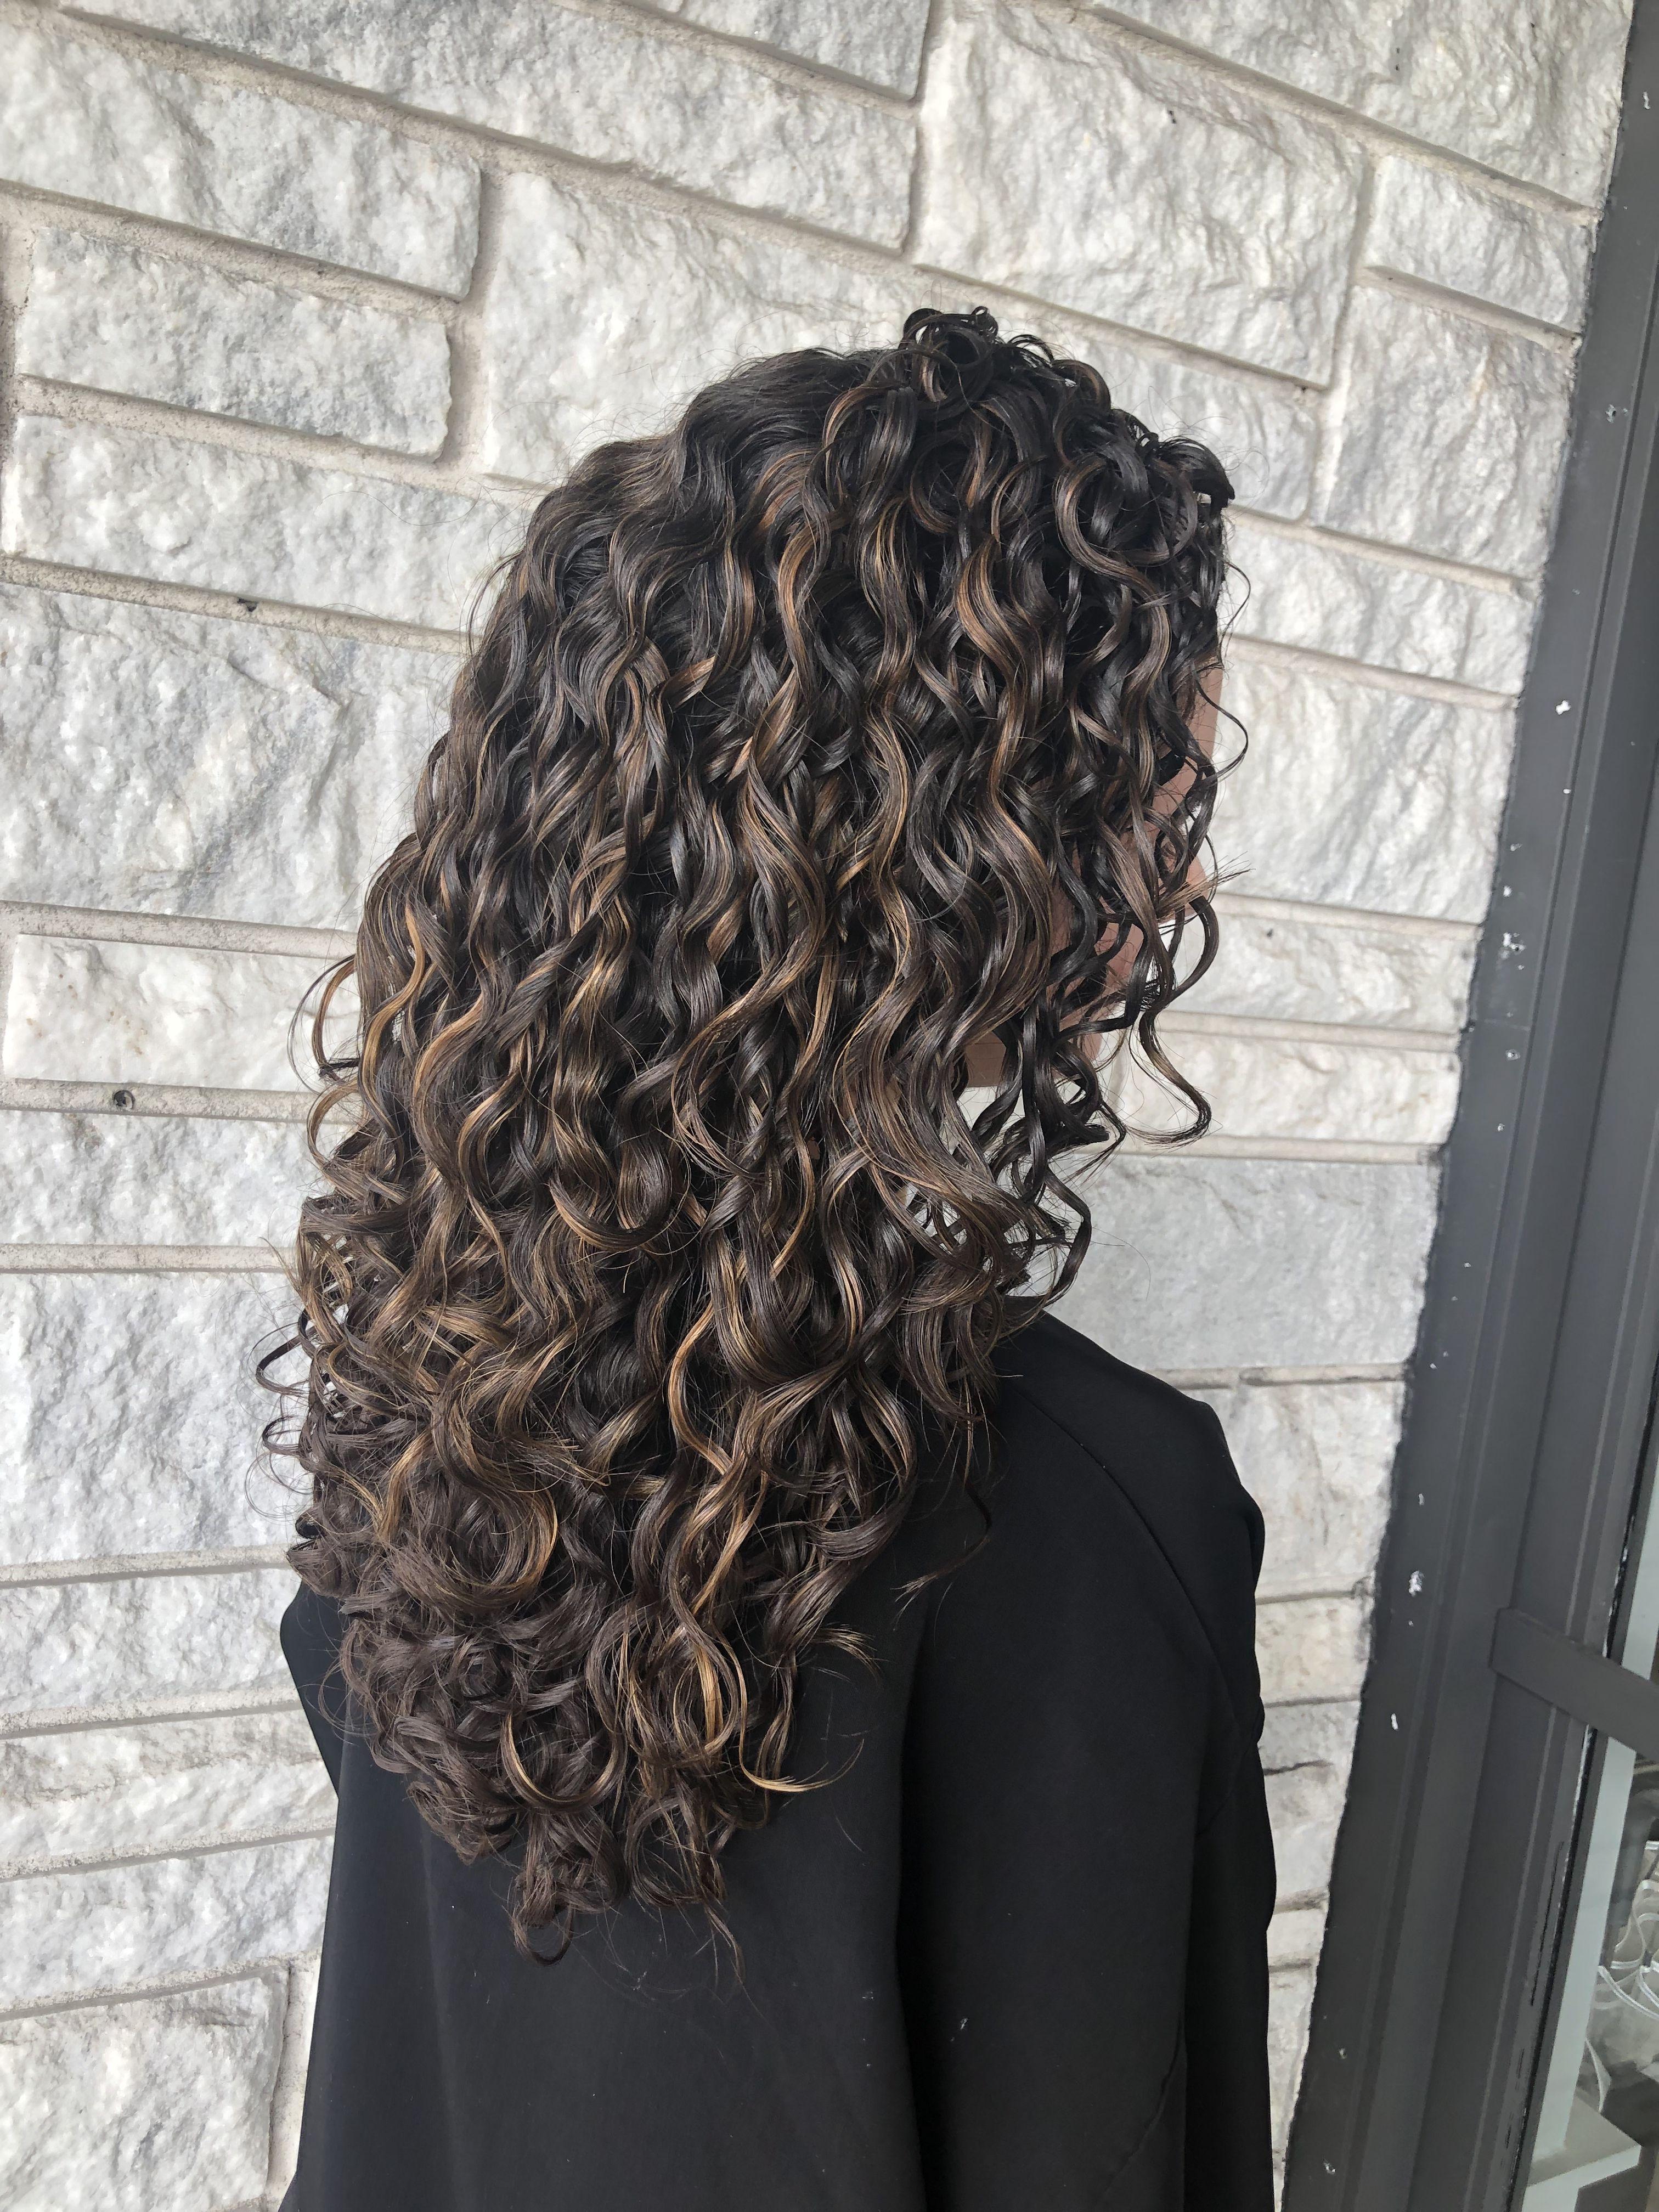 Partial Honey High Lights On Dark Brown Curly Hair For A Subtle Look Curlyhair Curlygirlmethod Curlyco Brown Hair Balayage Brown Curly Hair Brown Hair Perm